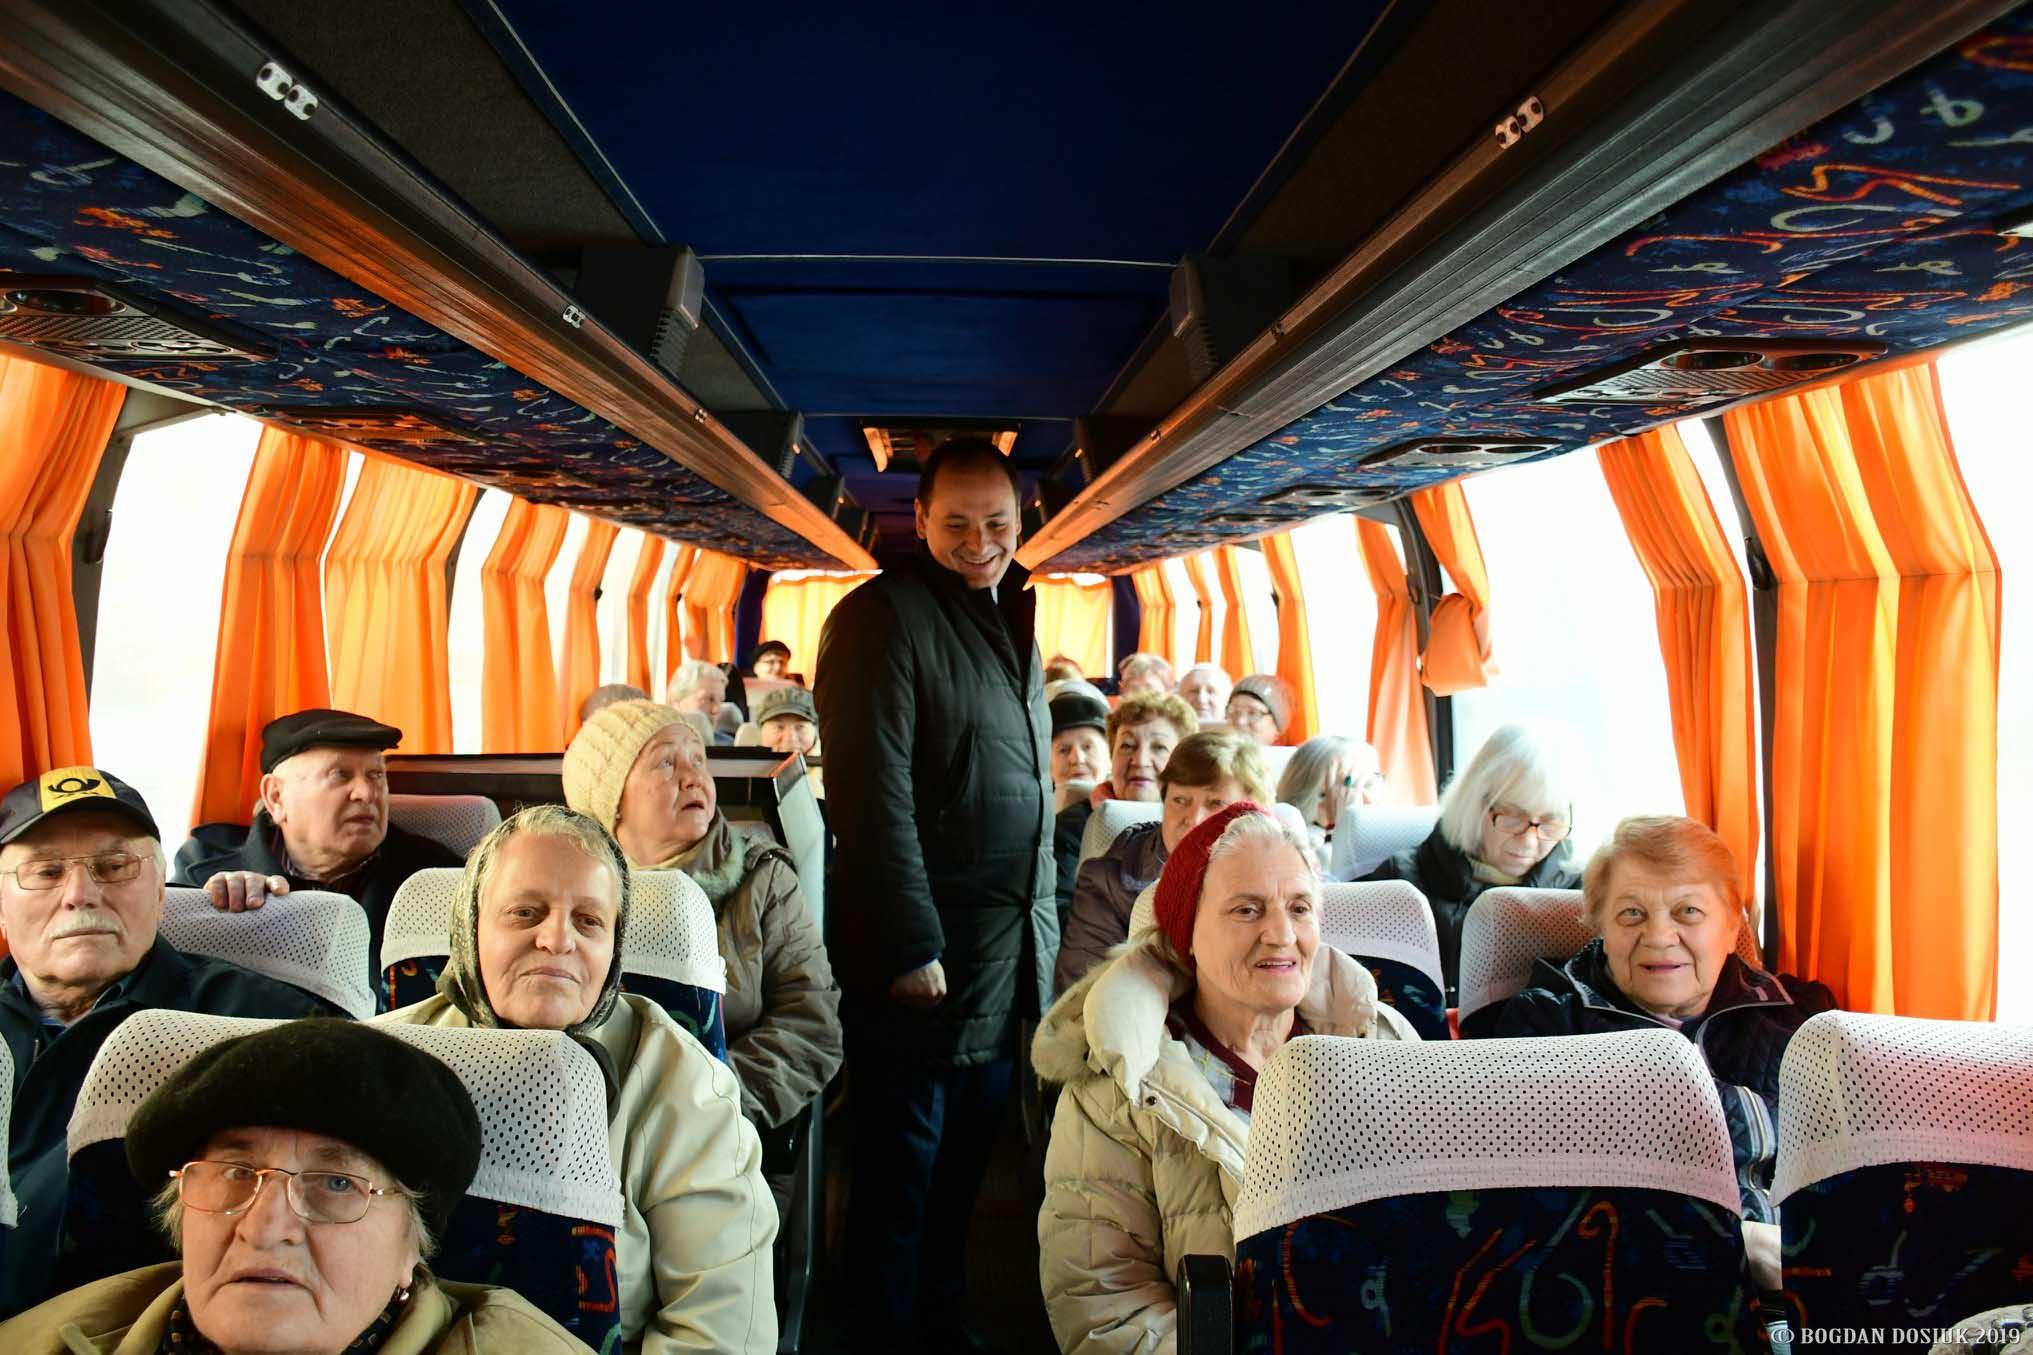 """Чергова група пенсіонерів поїхала на оздоровлення у """"Лімницю"""" (ФОТО)"""